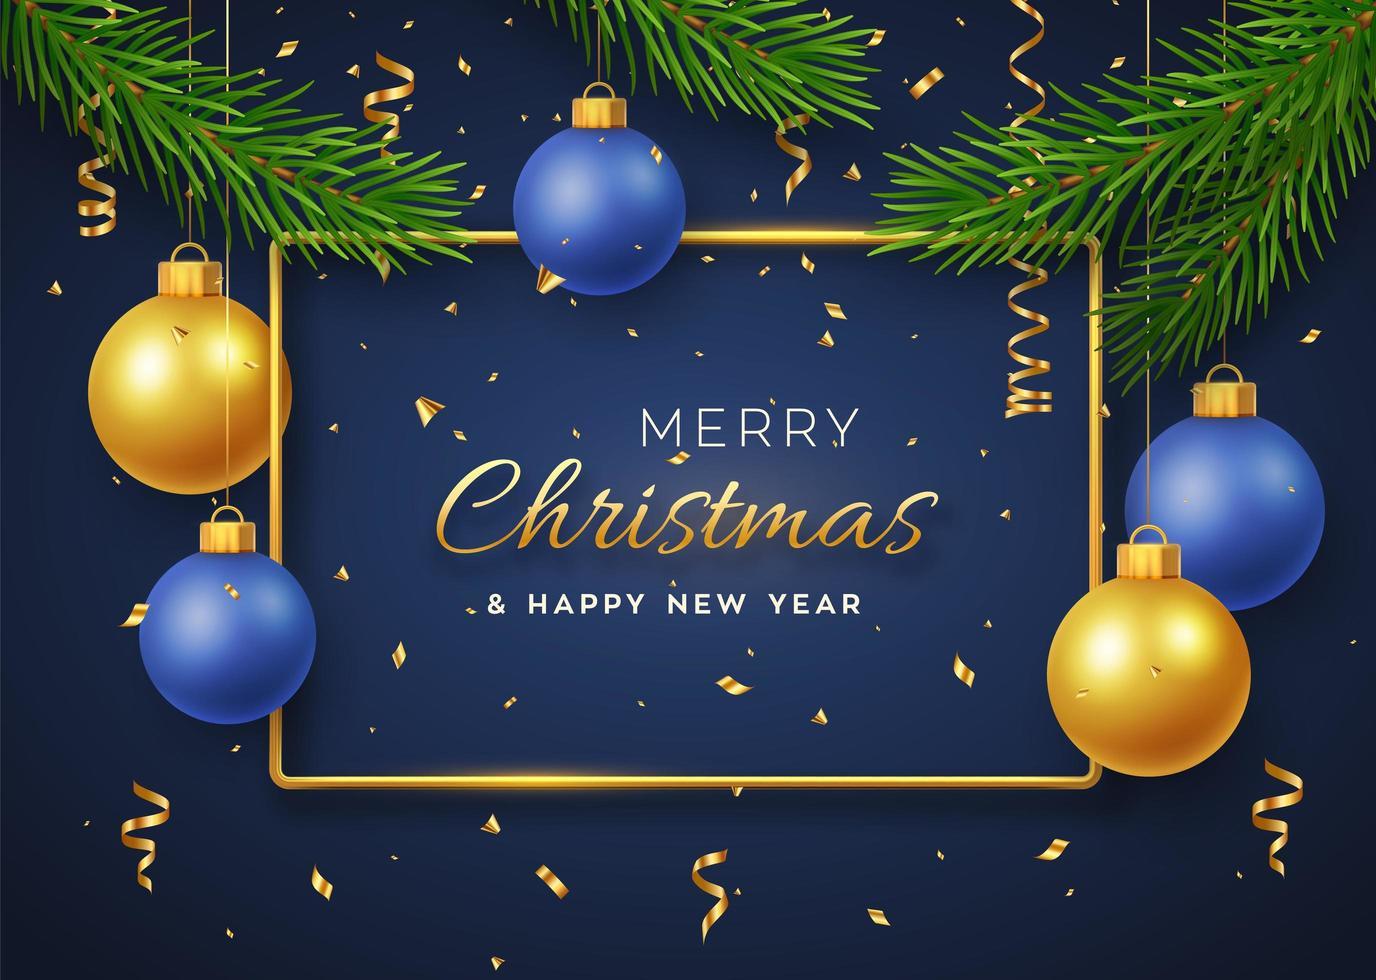 sfondo di Natale con appesi palline dorate e blu vettore